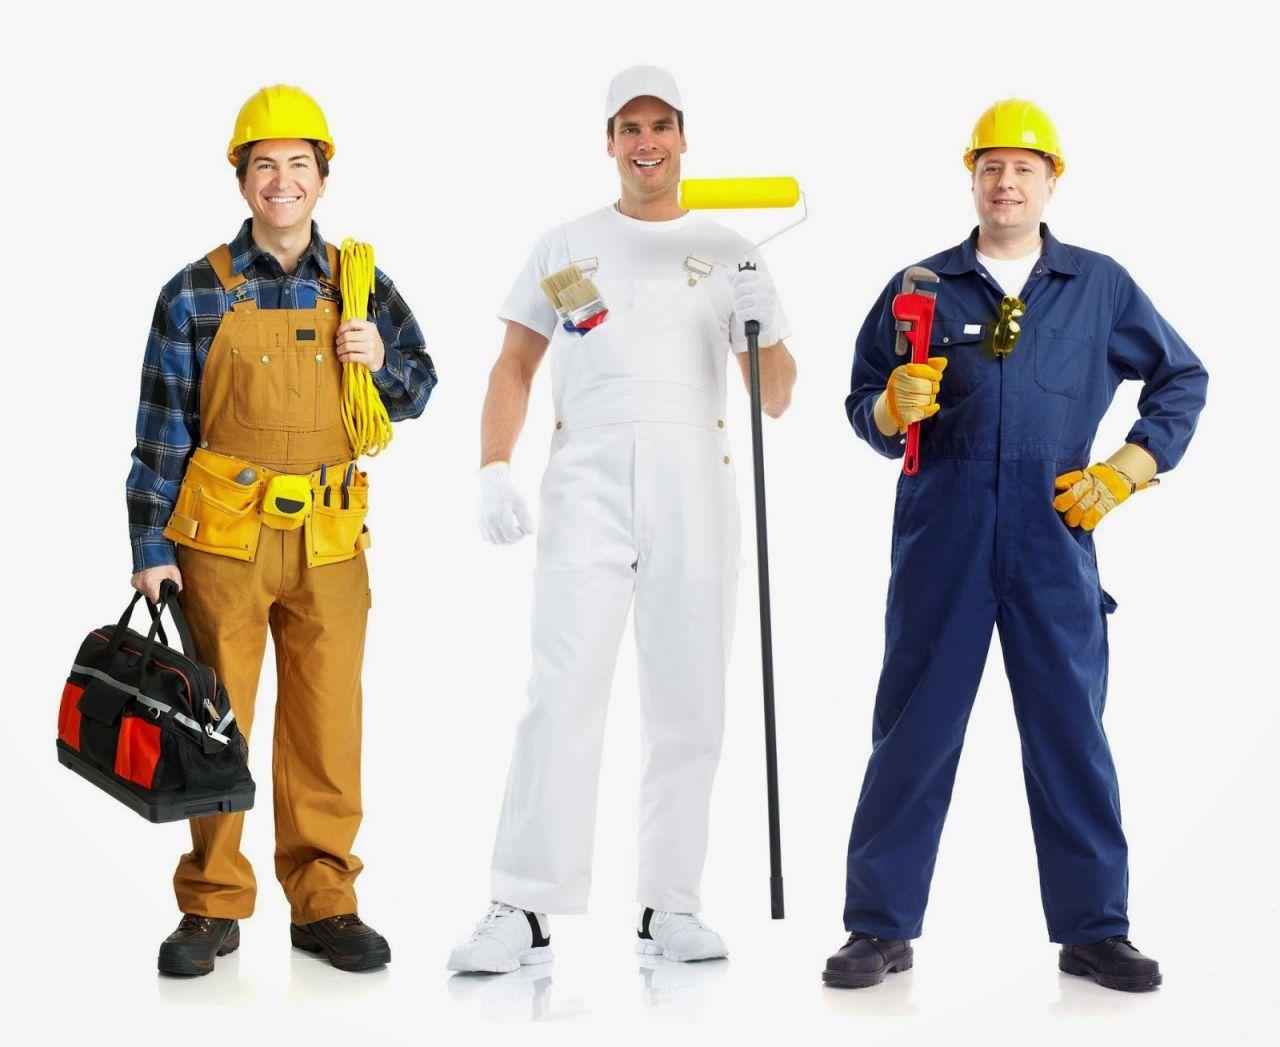 May đồ bảo hộ lao động chất lượng tốt